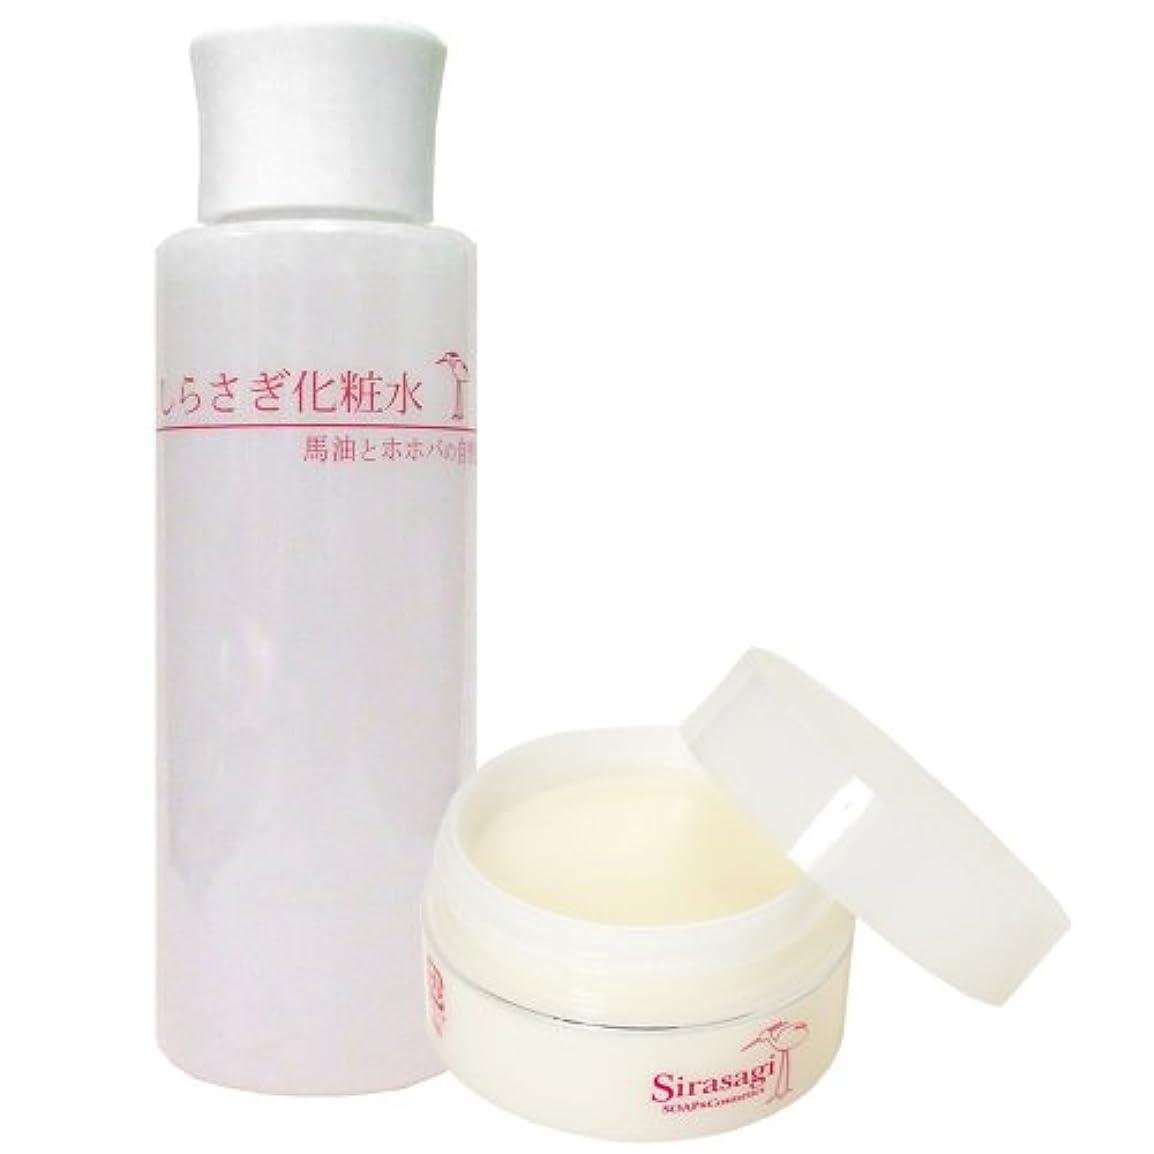 飢えた満足させる修道院しらさぎクリーム(無香料)としらさぎ化粧水のセット